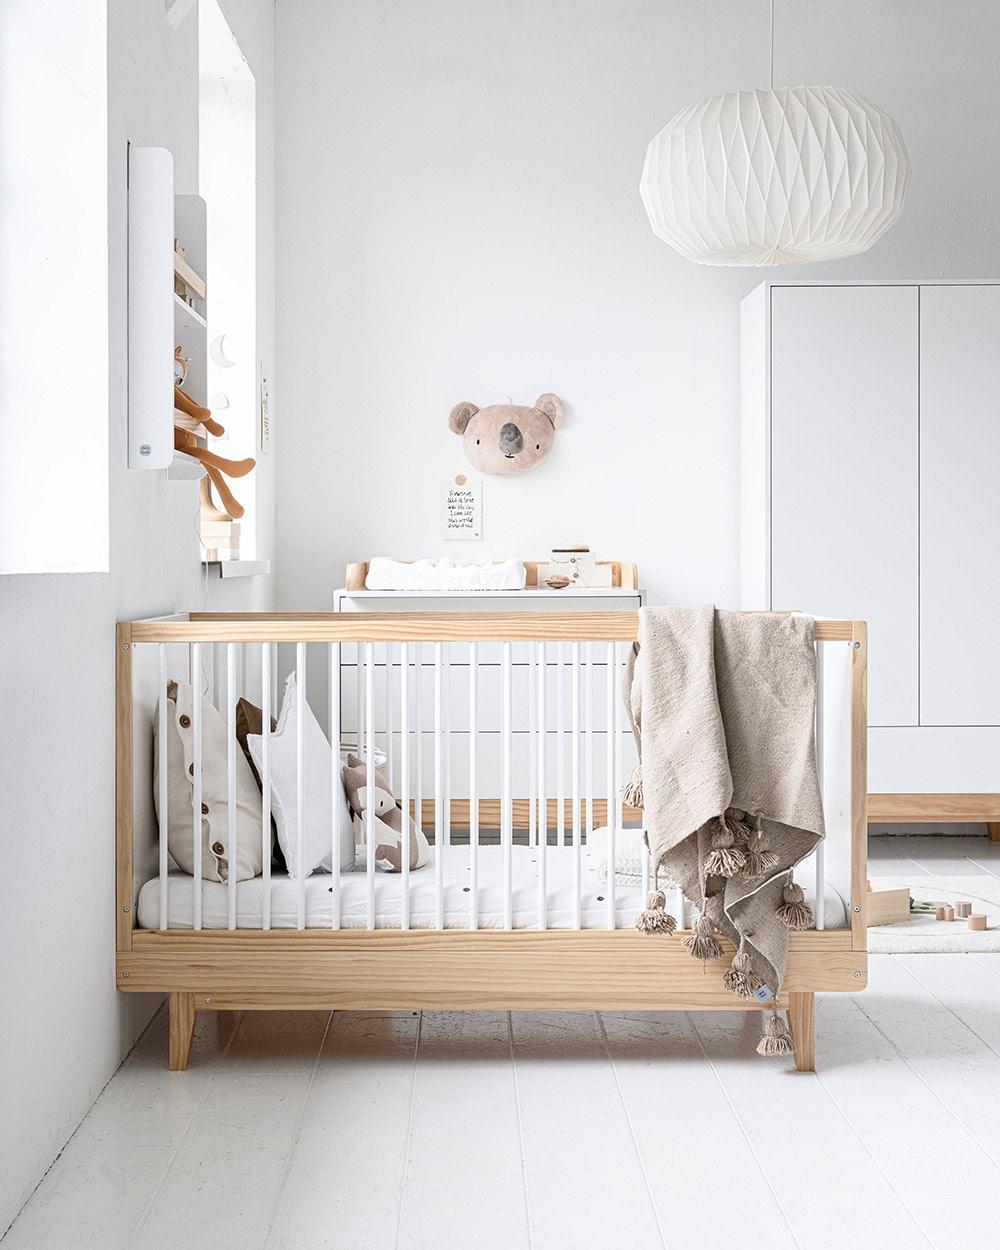 Matelas bébé 5 conseils pour faire le bon choix par Petite Amélie